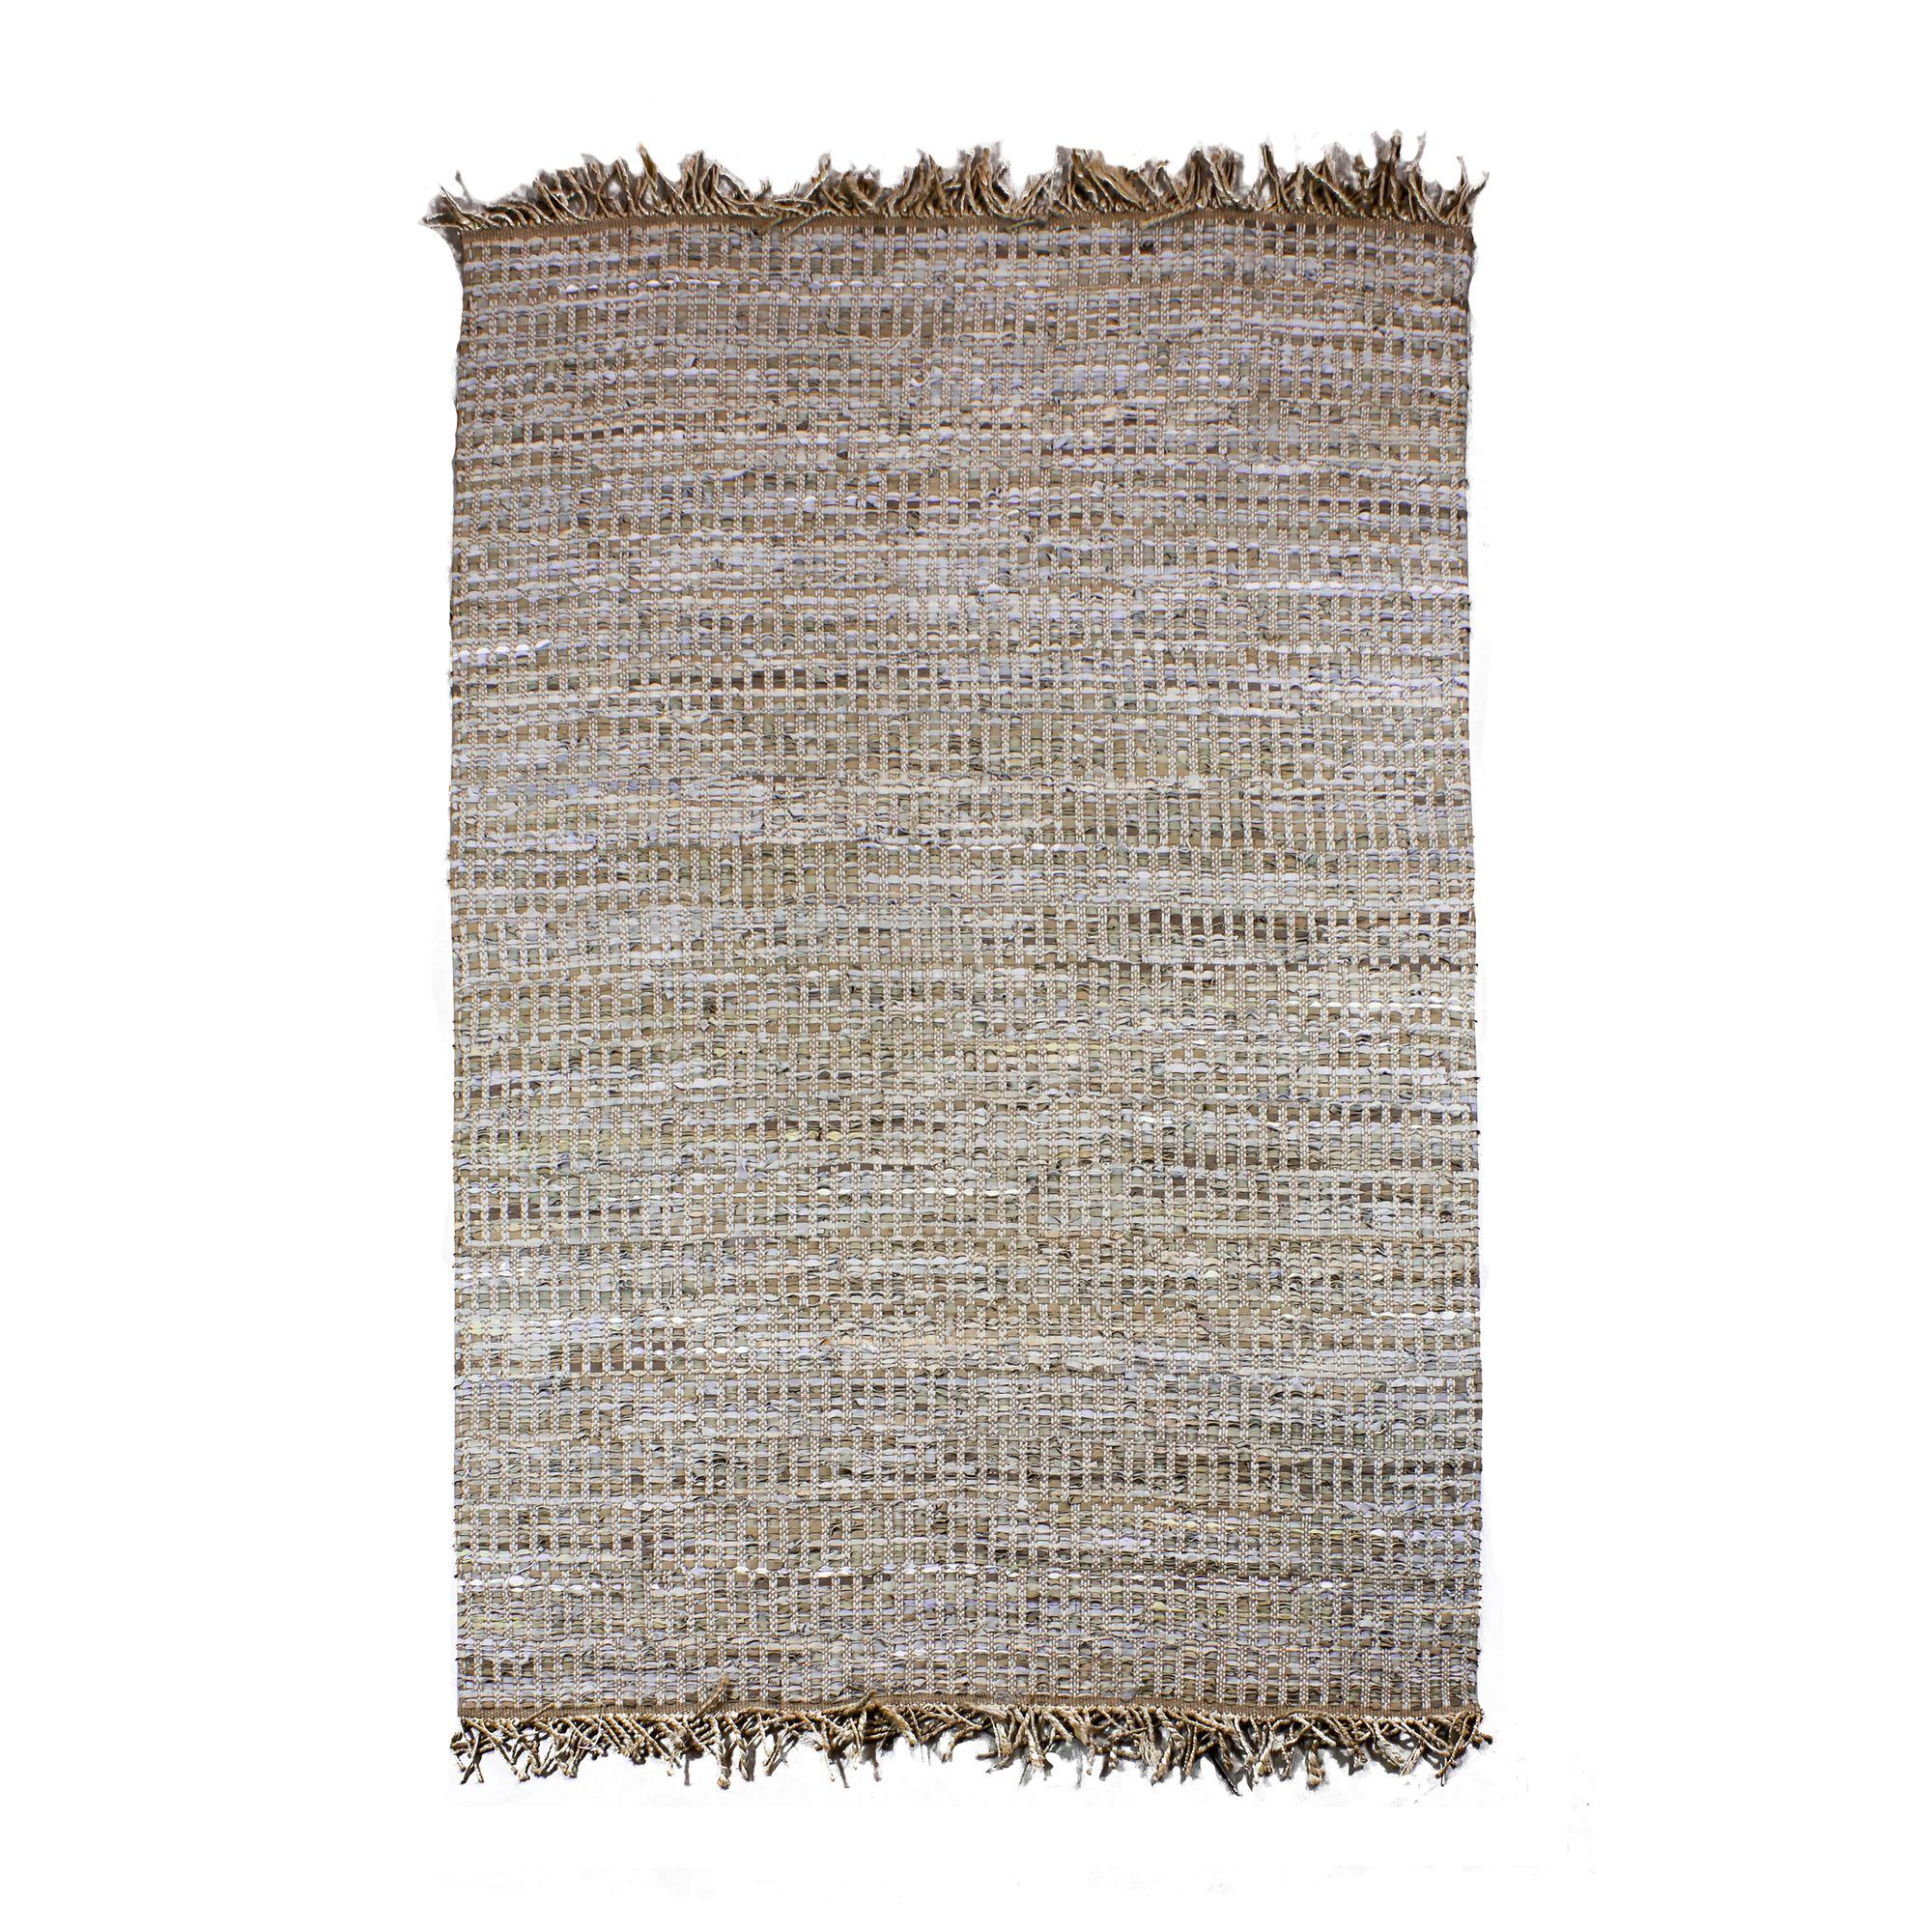 Tapis en cuir, jute et coton 230x160 cm